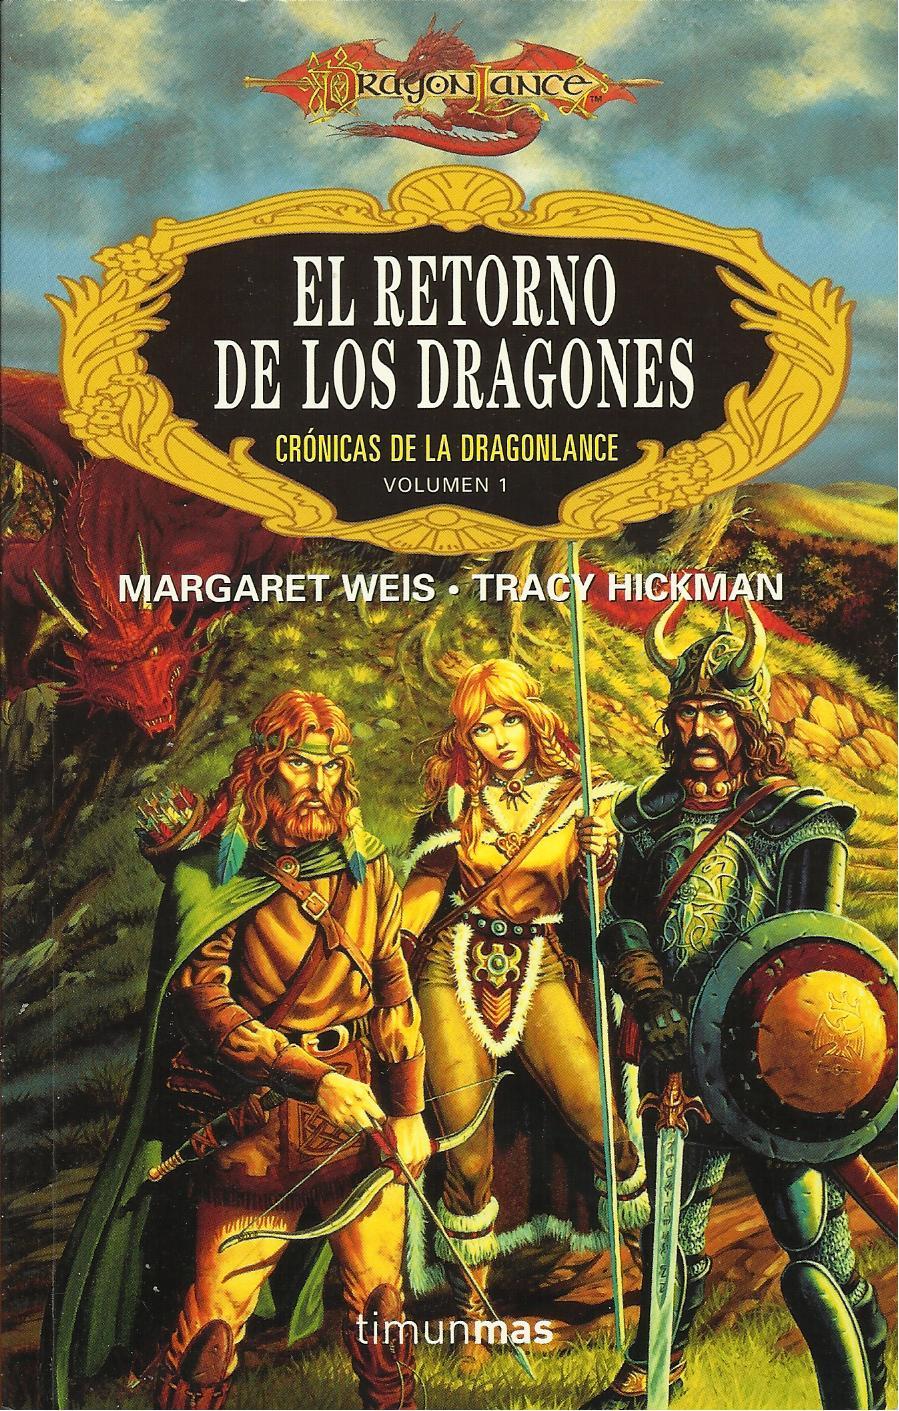 Cr nicas de la dragonlance i el retorno de los dragones de margaret weis y tracy hickman